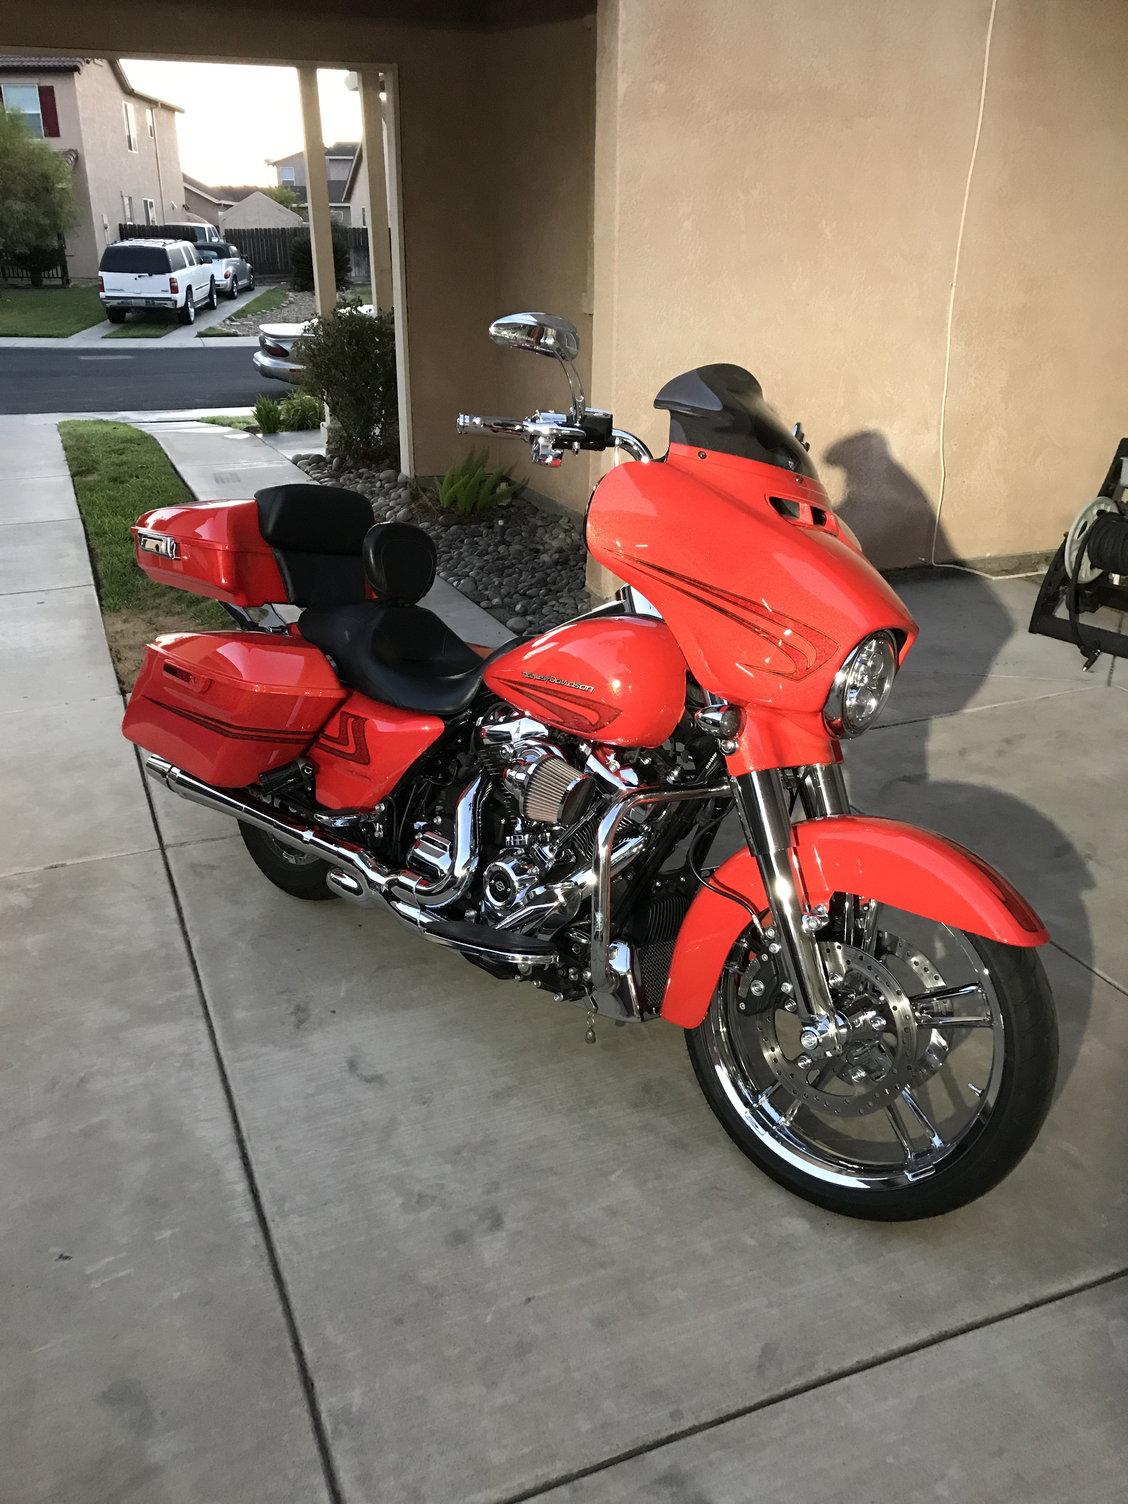 Oil cooler fan cooled - Harley Davidson Forums